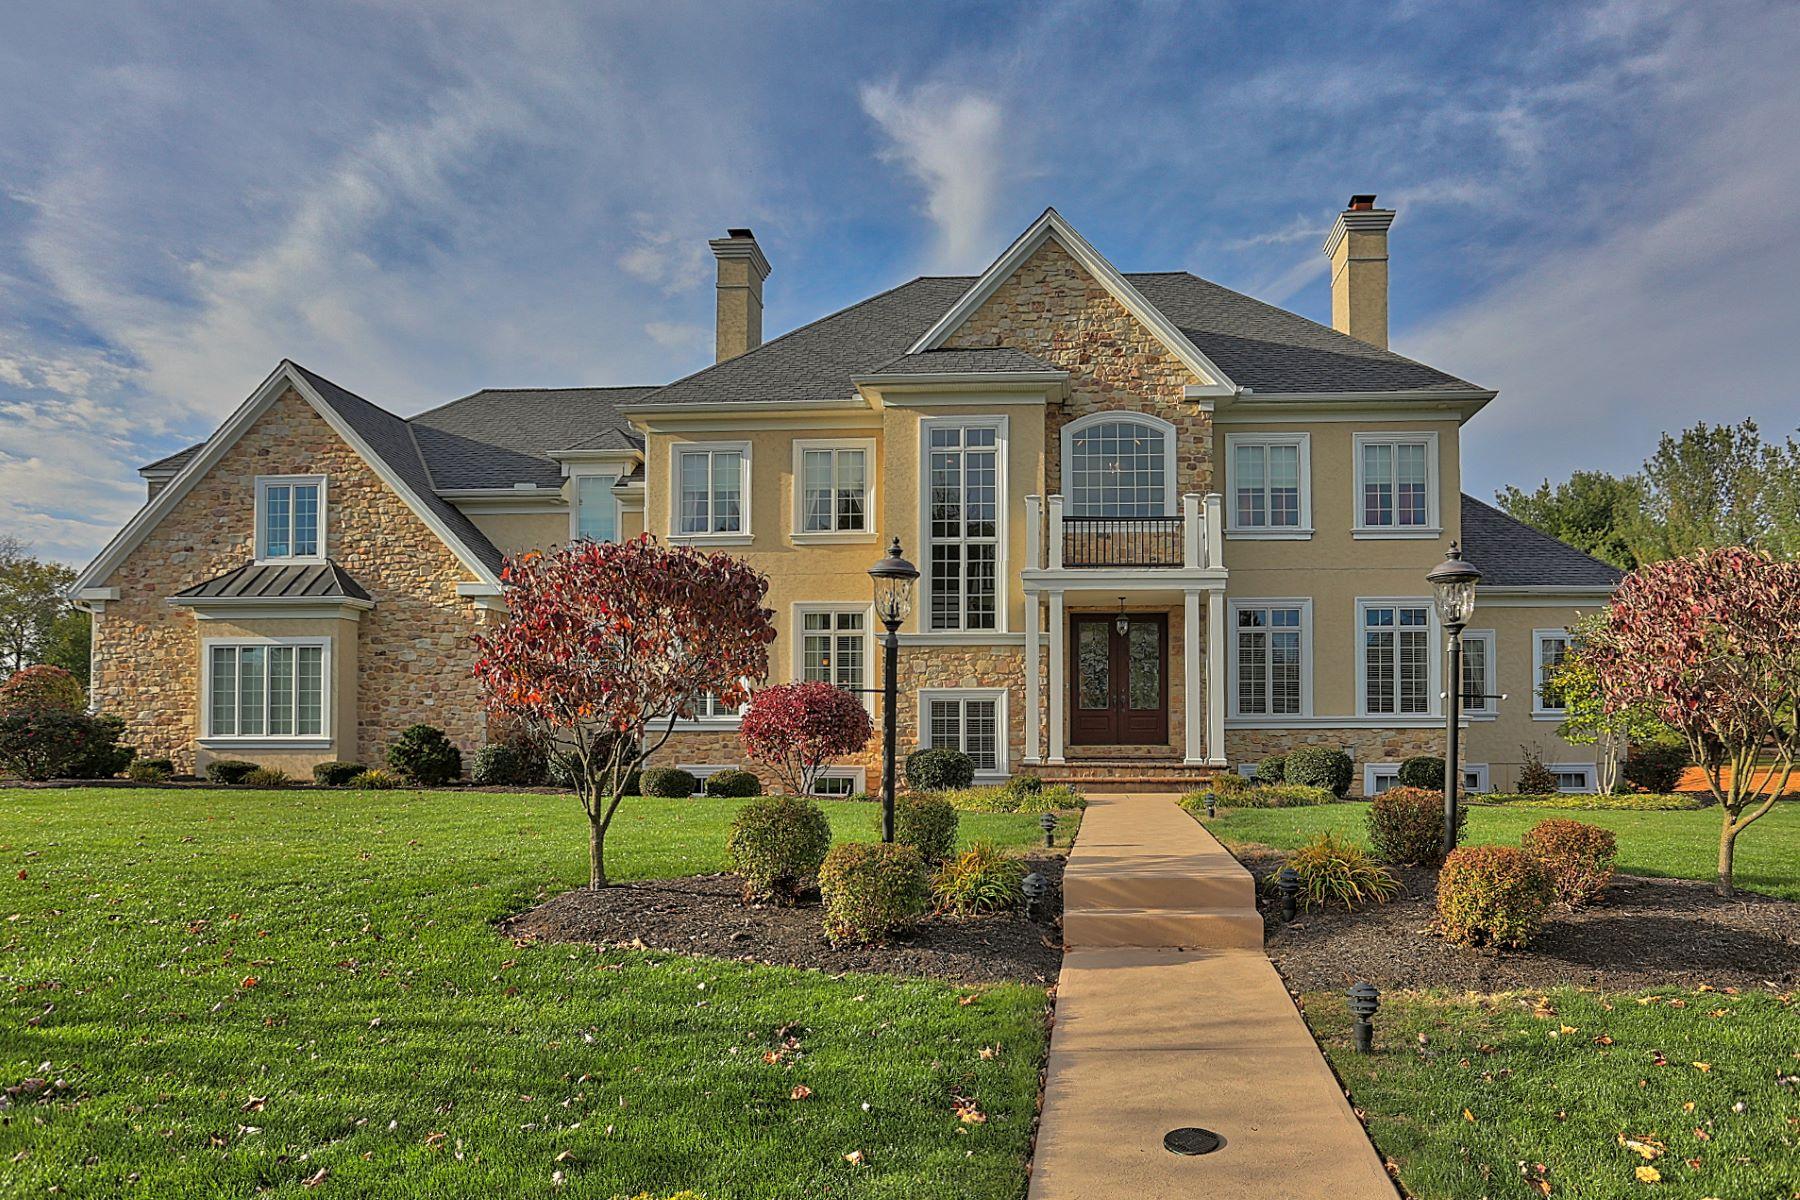 Частный односемейный дом для того Продажа на 7 Shadewood Place Lititz, Пенсильвания 17543 Соединенные Штаты